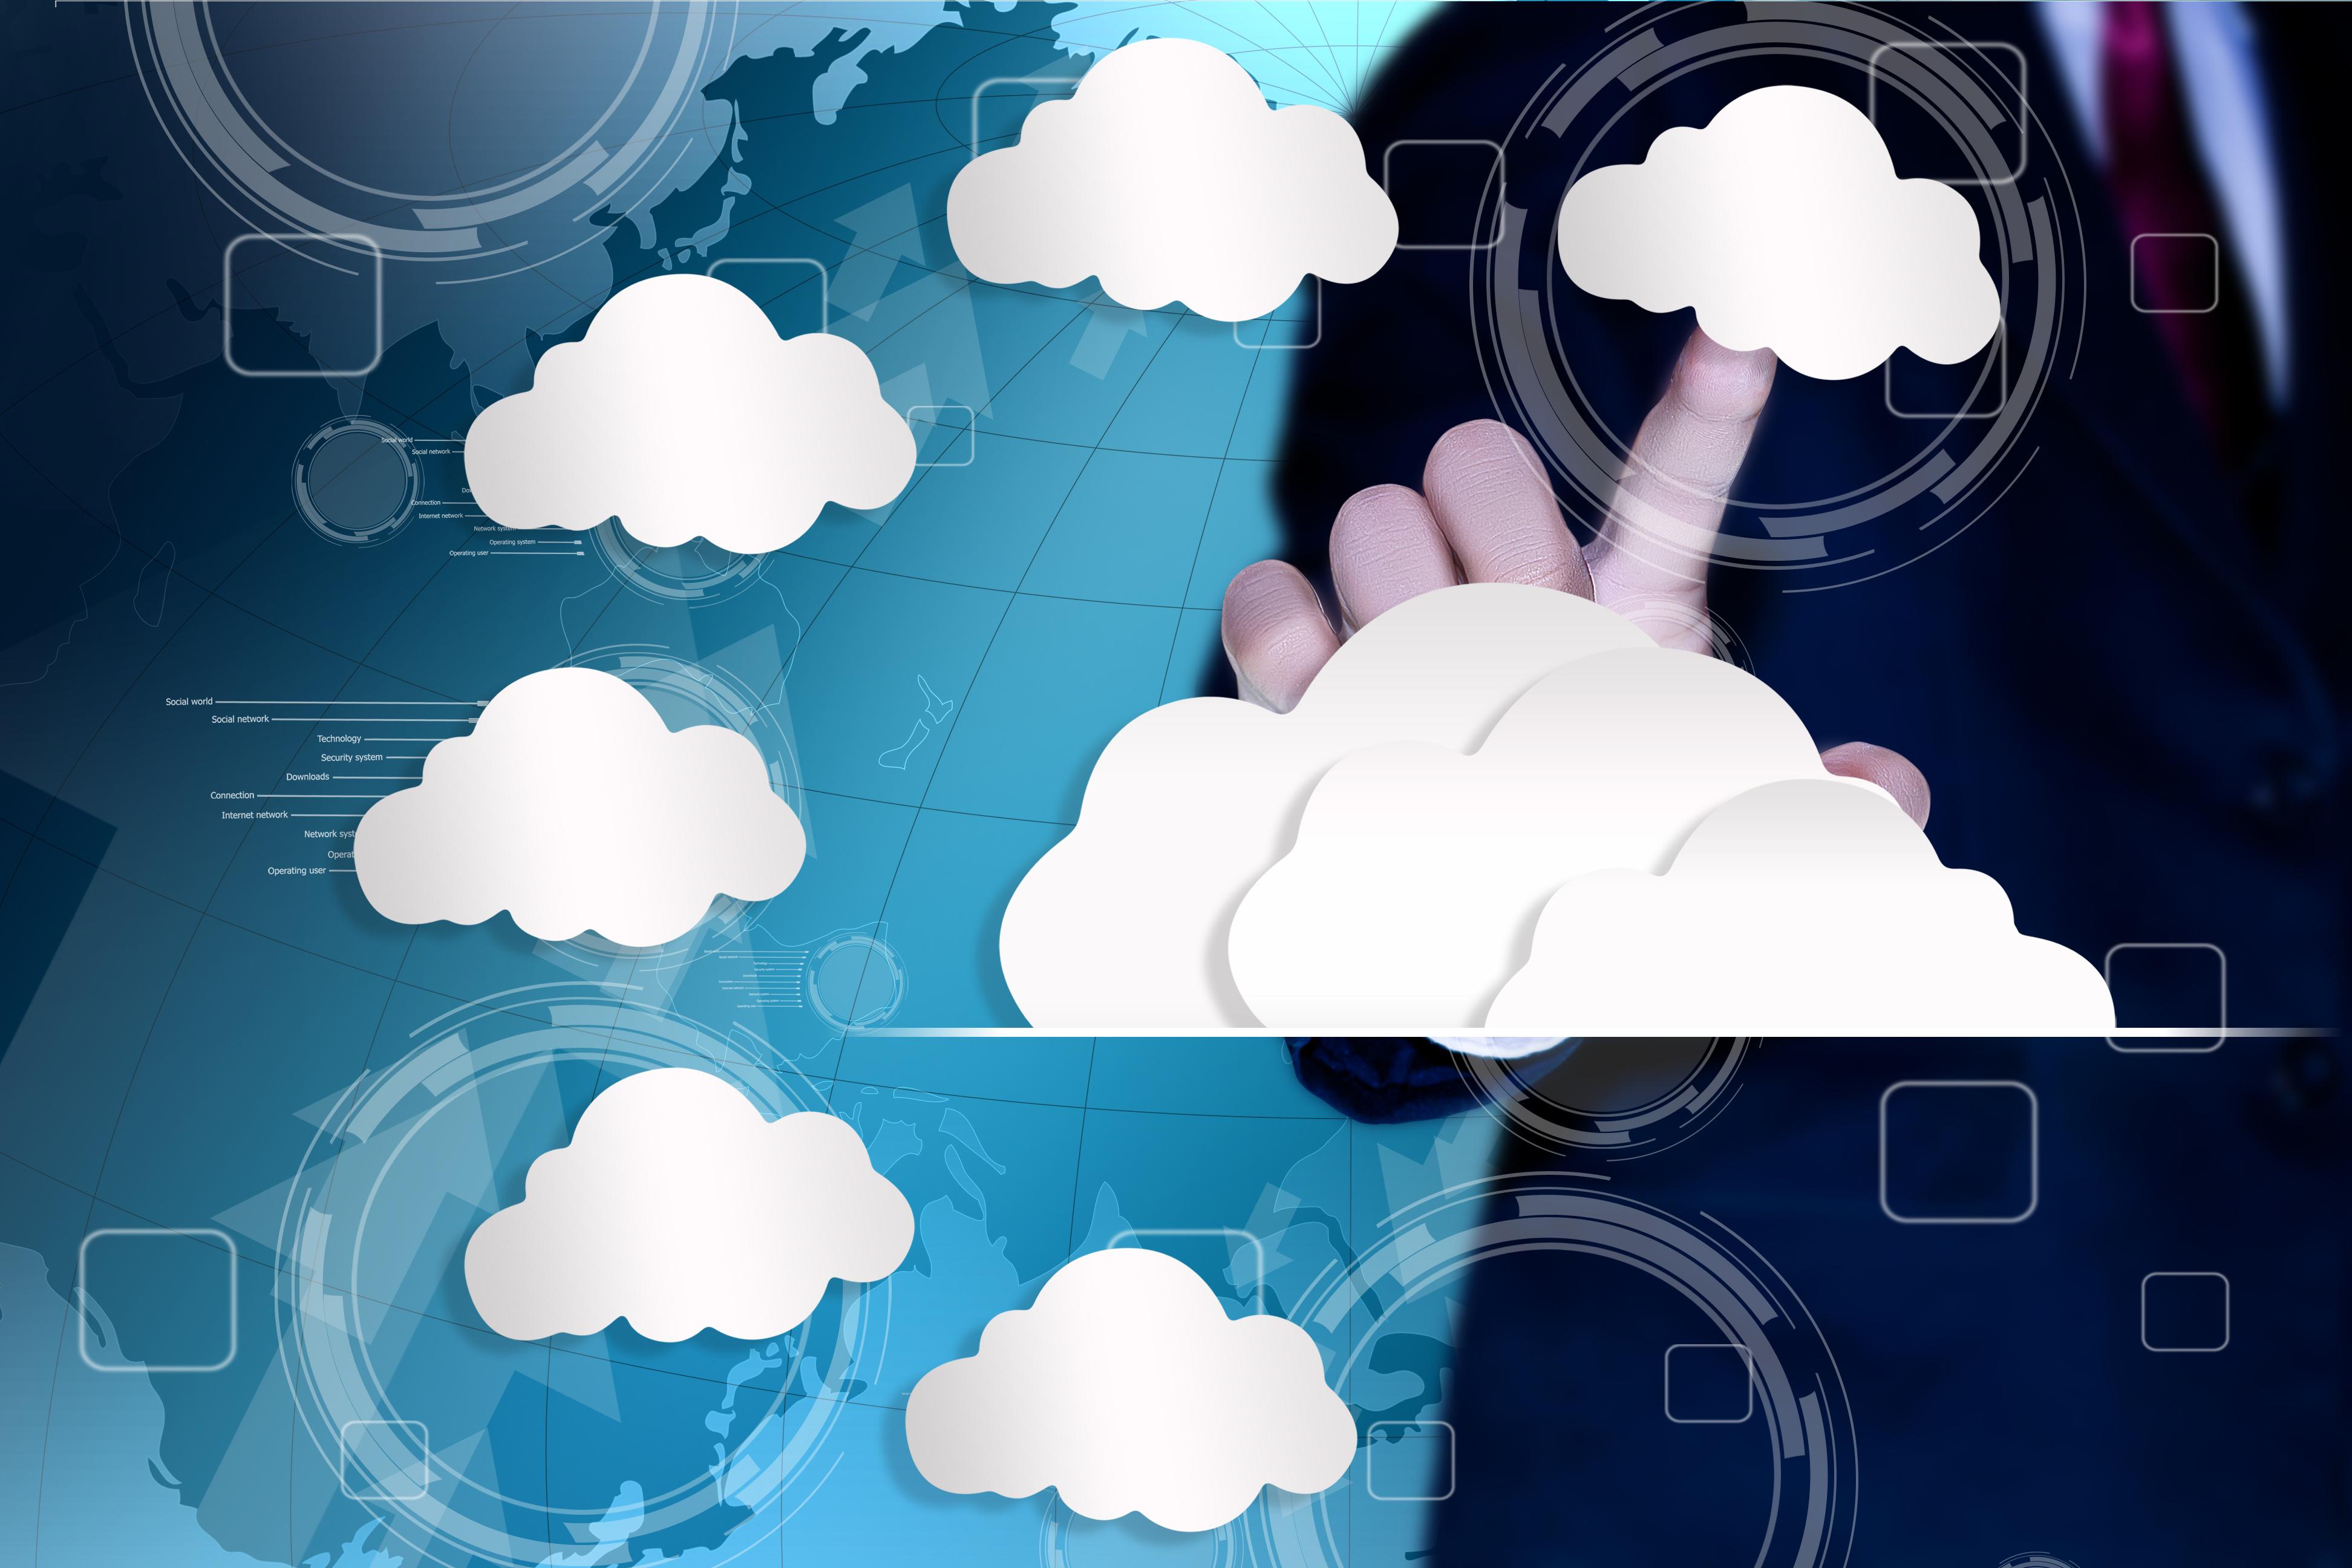 BT Cloud Connect